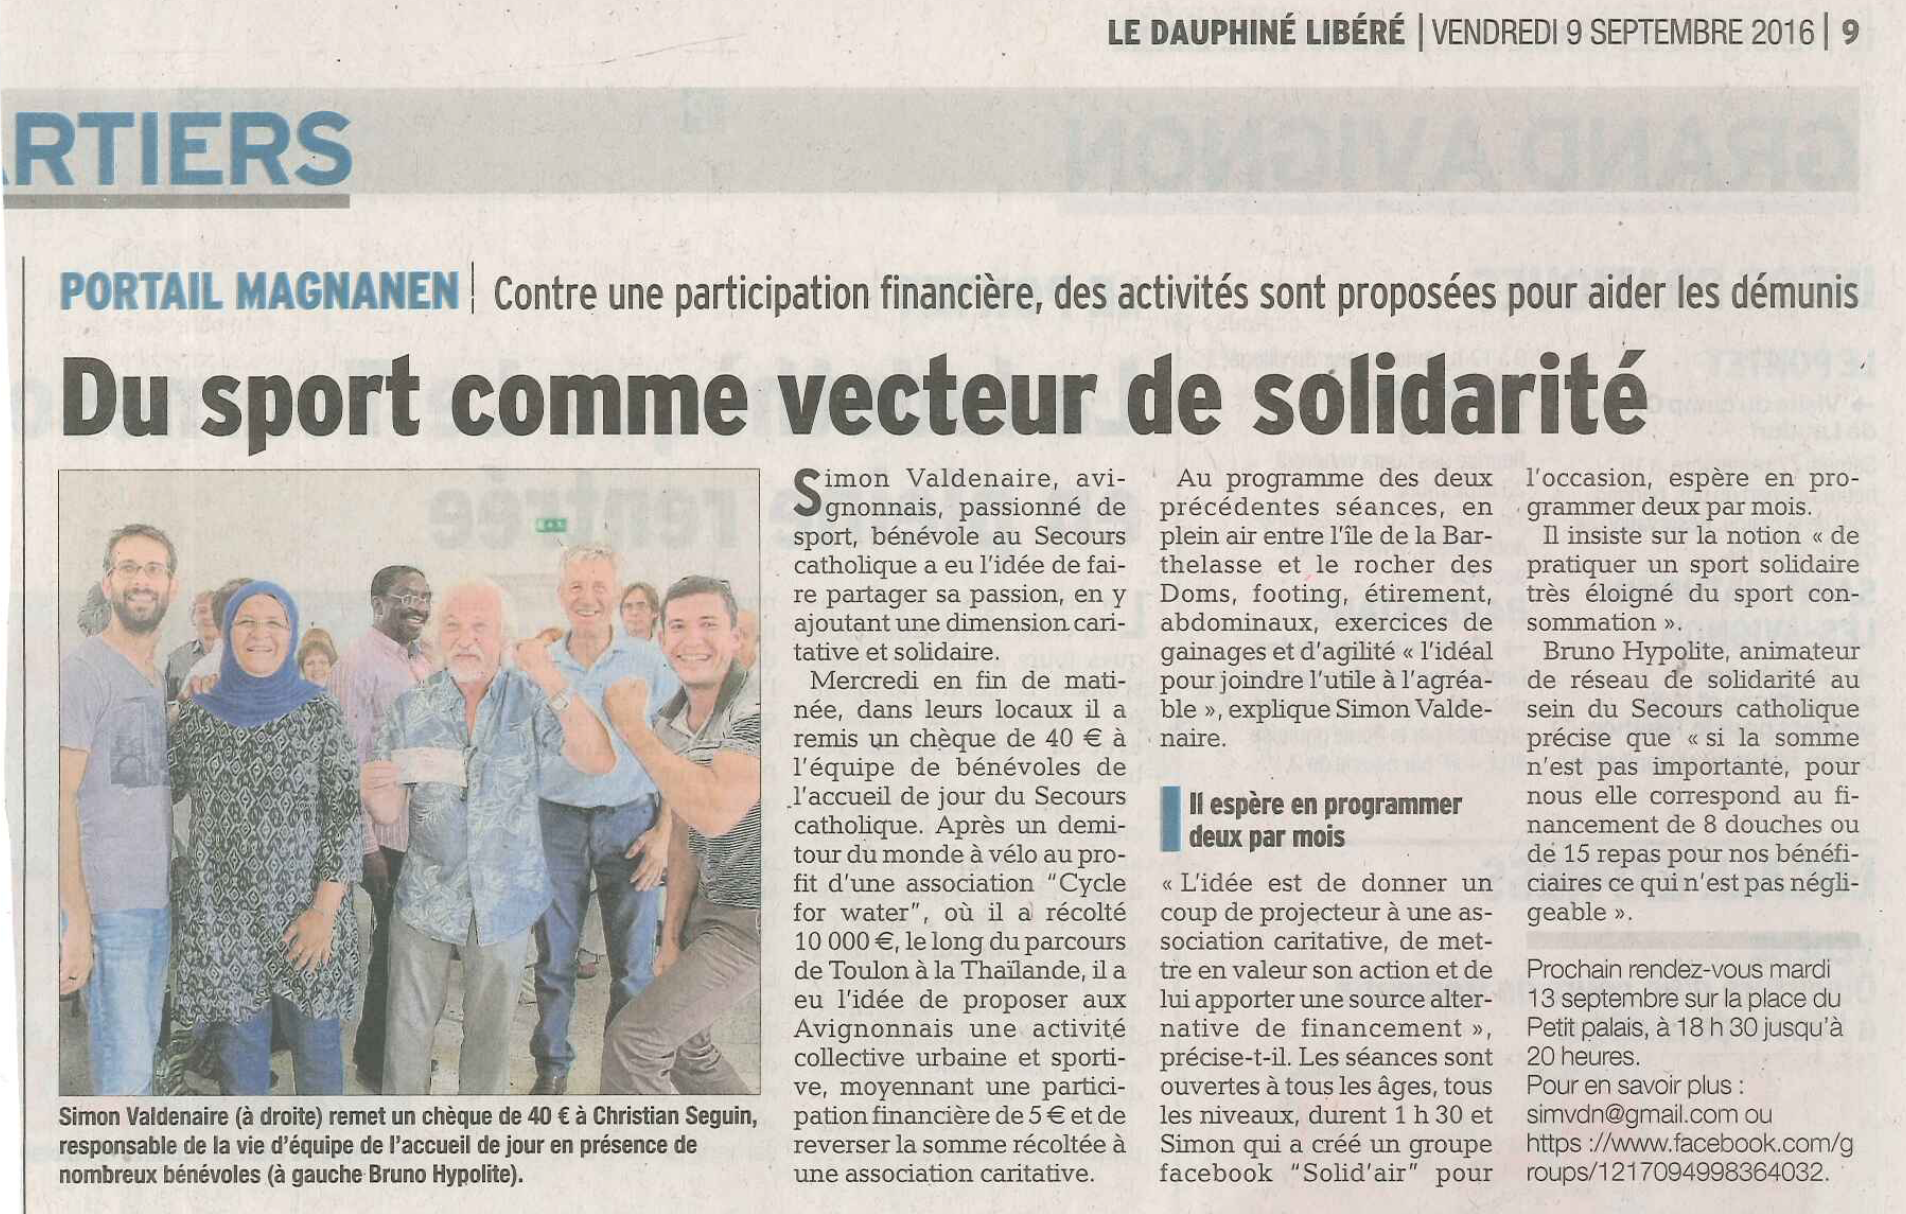 Presse_2016.09.09_Le_Dauphiné_-_Remise_chèque_secours_catholique